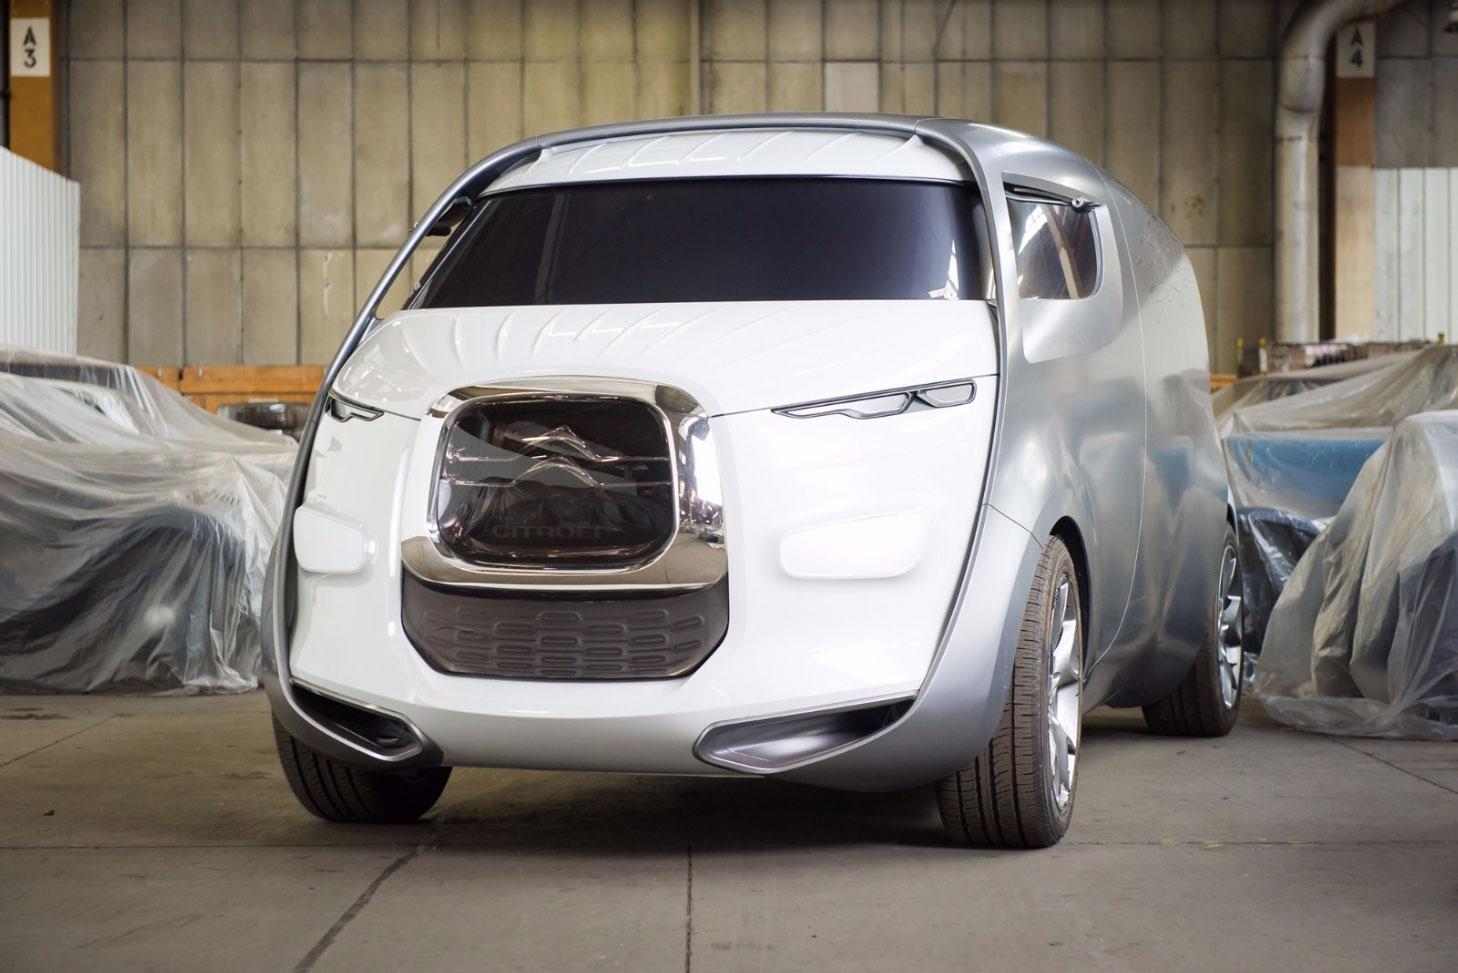 2010 Citroën Tubyk